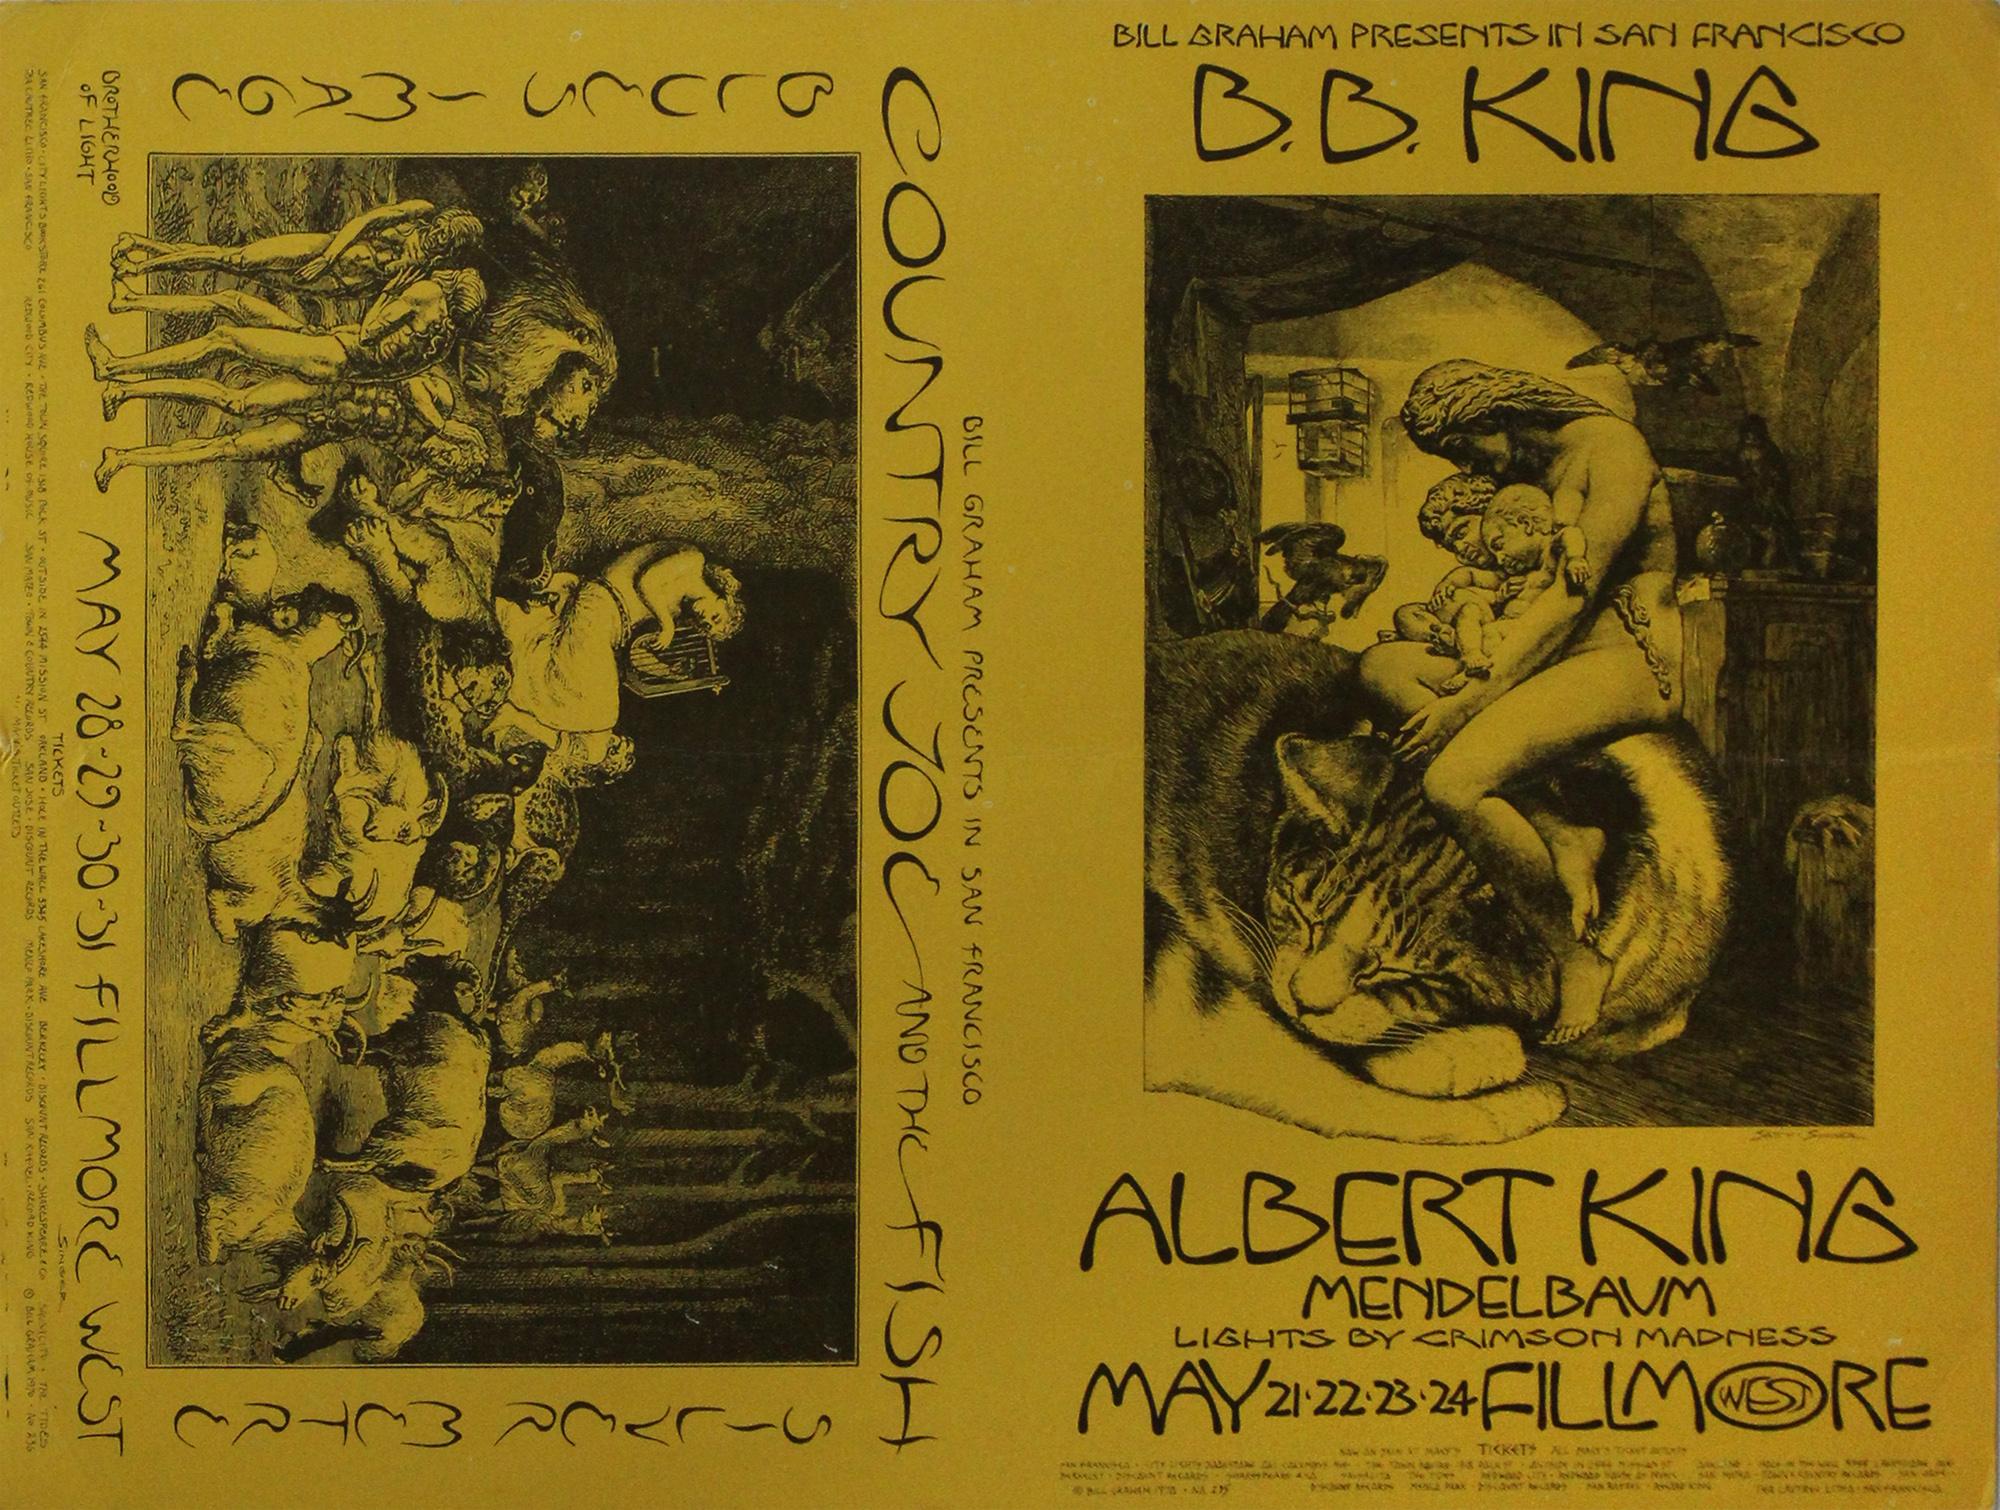 B.B. KingPostcard